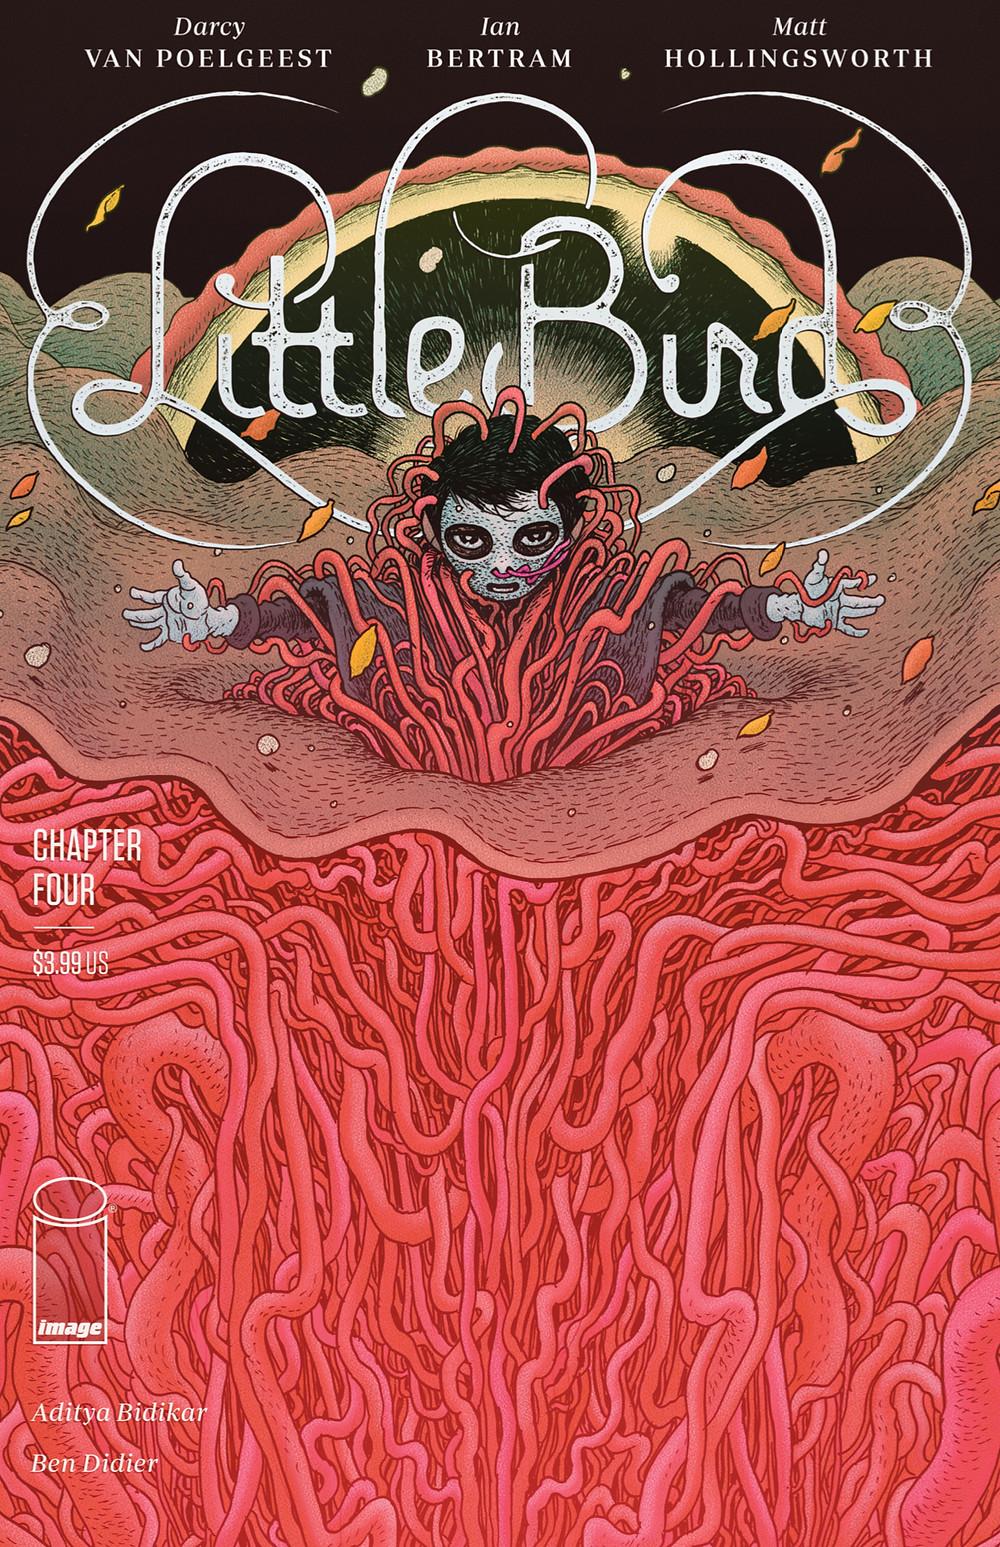 Little Bird, issue #4, cover, Image Comics, Van Poelgeest/Bertram